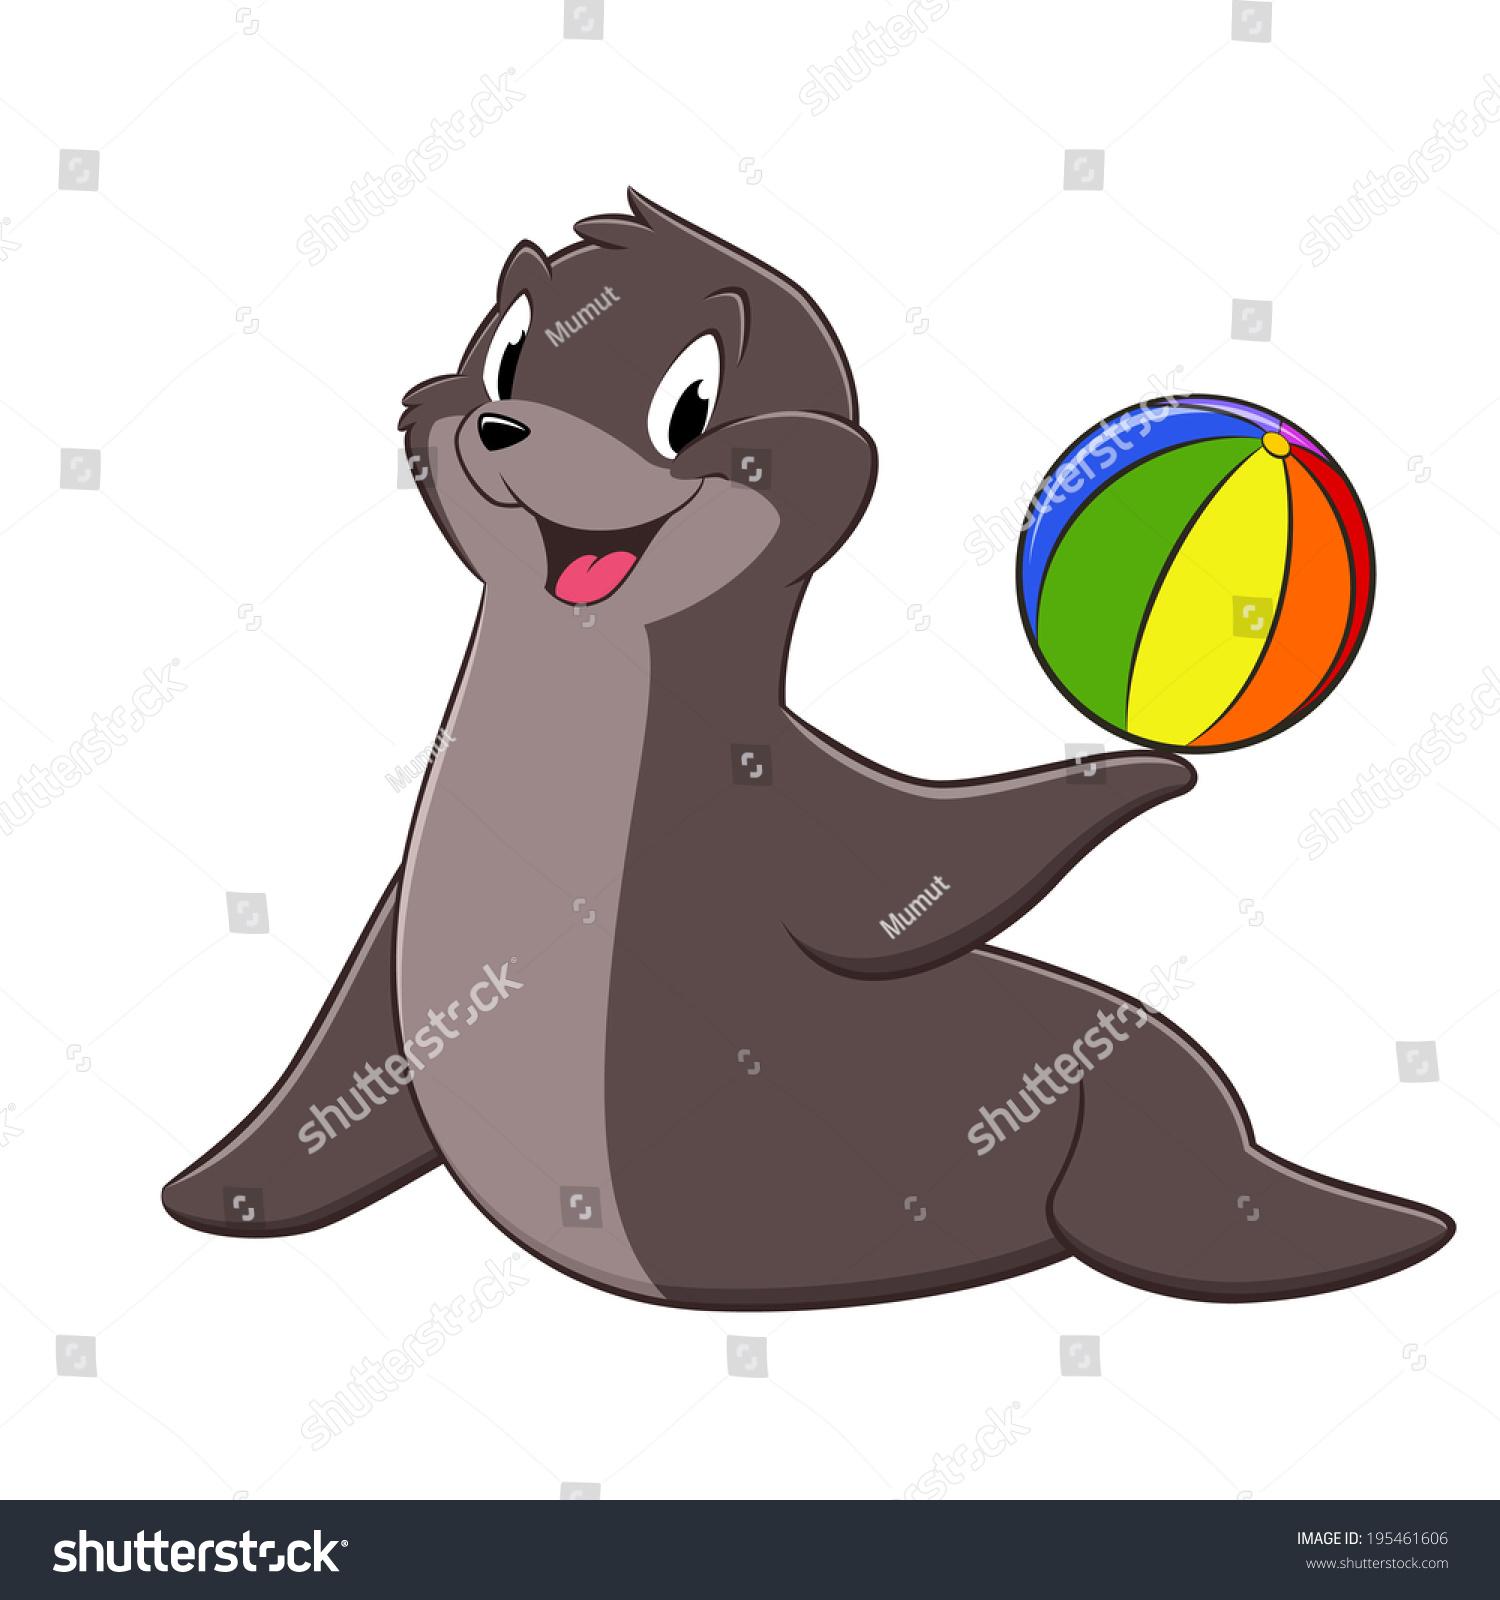 一只抱着玩具球的海狮的矢量图-动物/野生生物